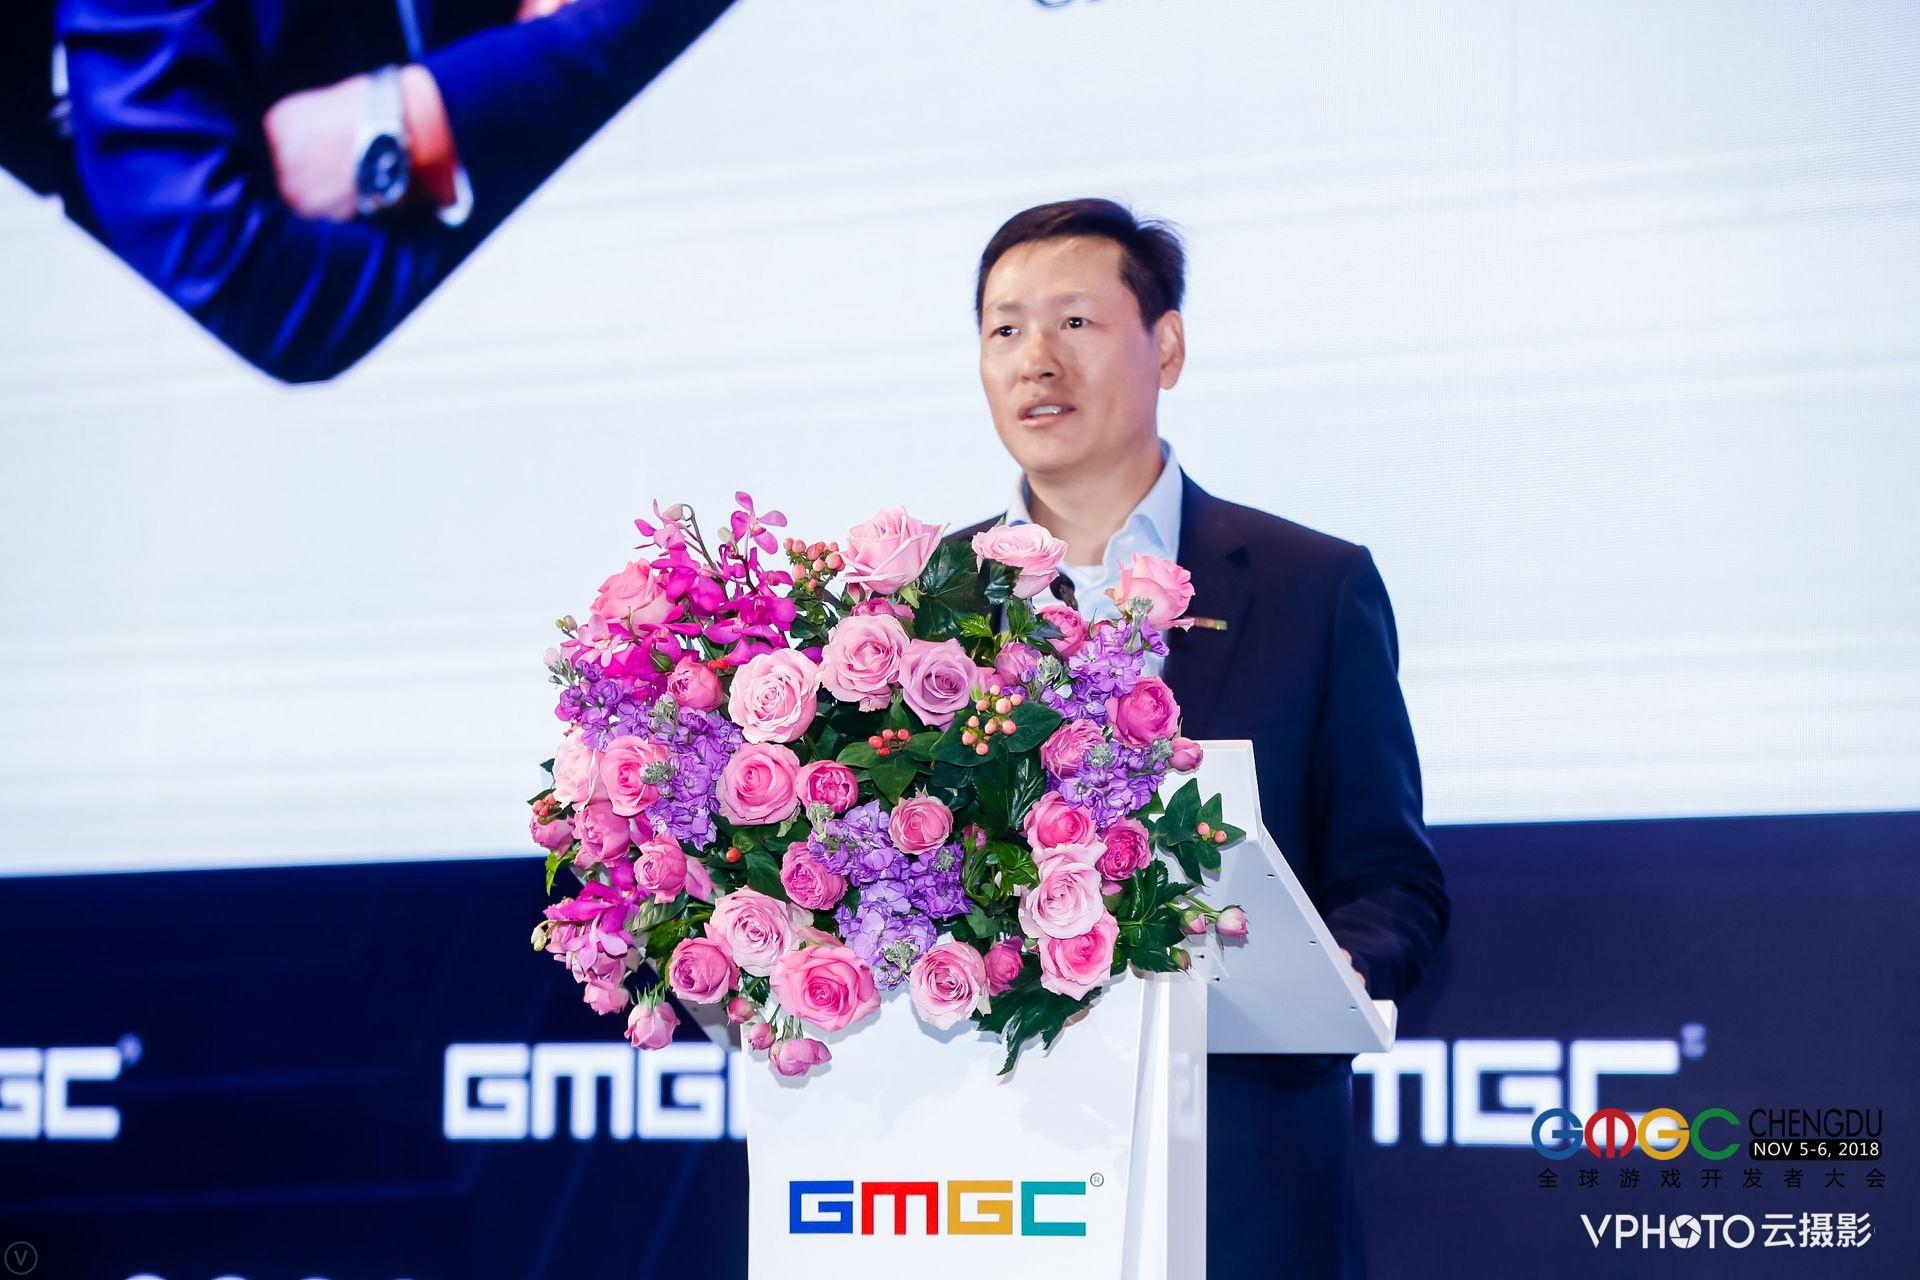 GMGC·成都·2018 GMGC创始人宋炜:莫忘初心 道法自然